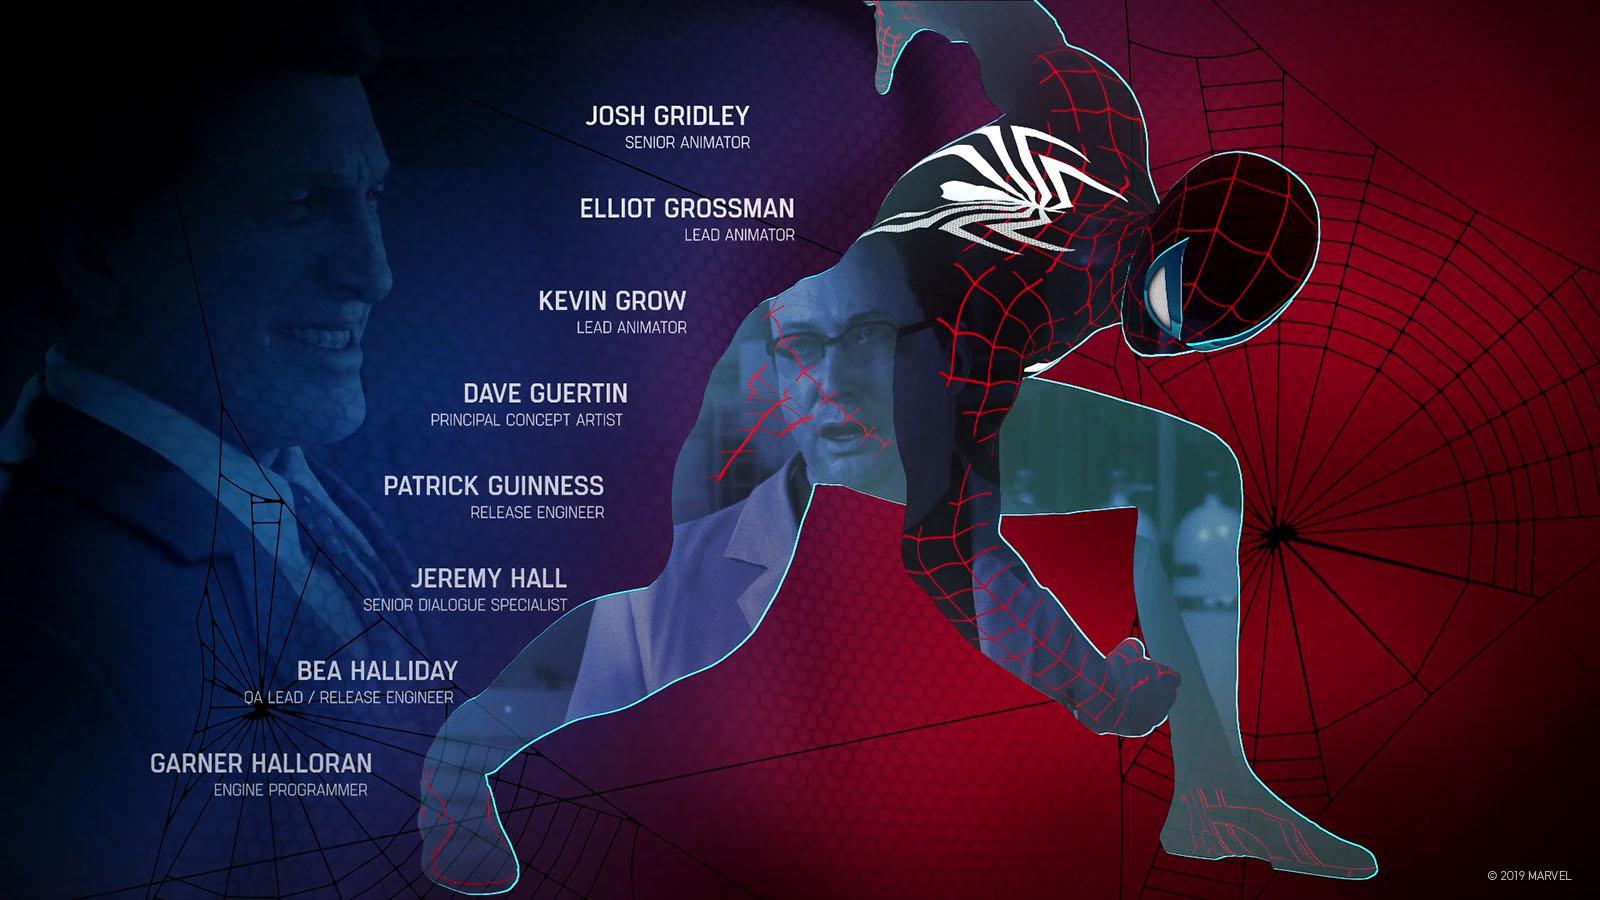 SpidermanTitles__Finalframe_TerritoryStudio_08a.jpg